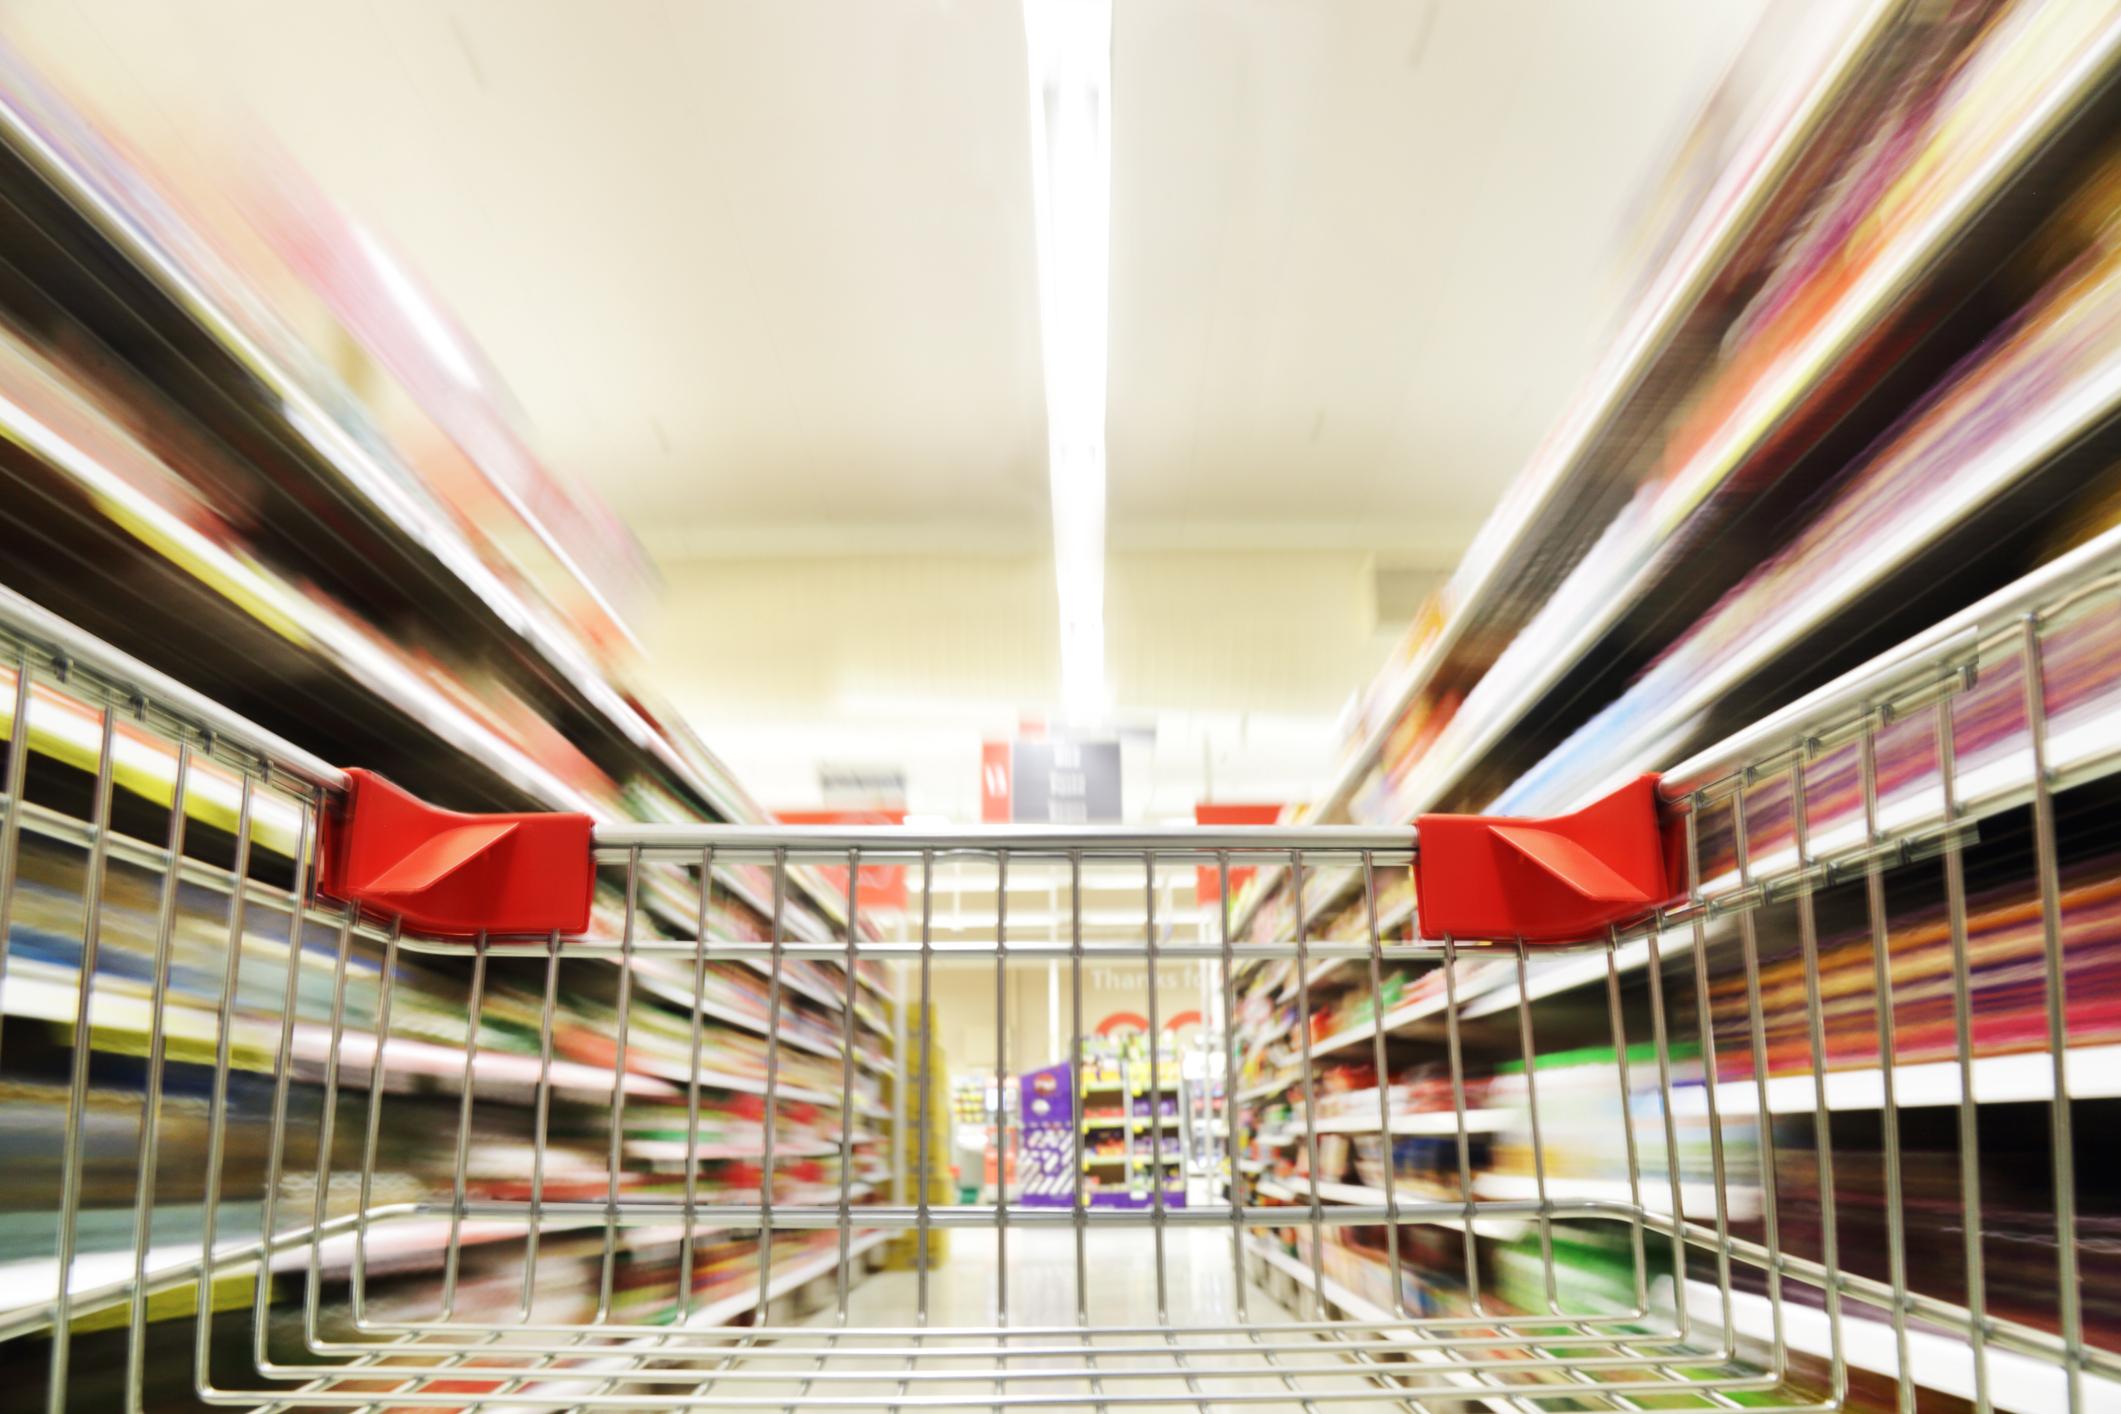 Detalhe de carrinho de compras em interior de supermercado